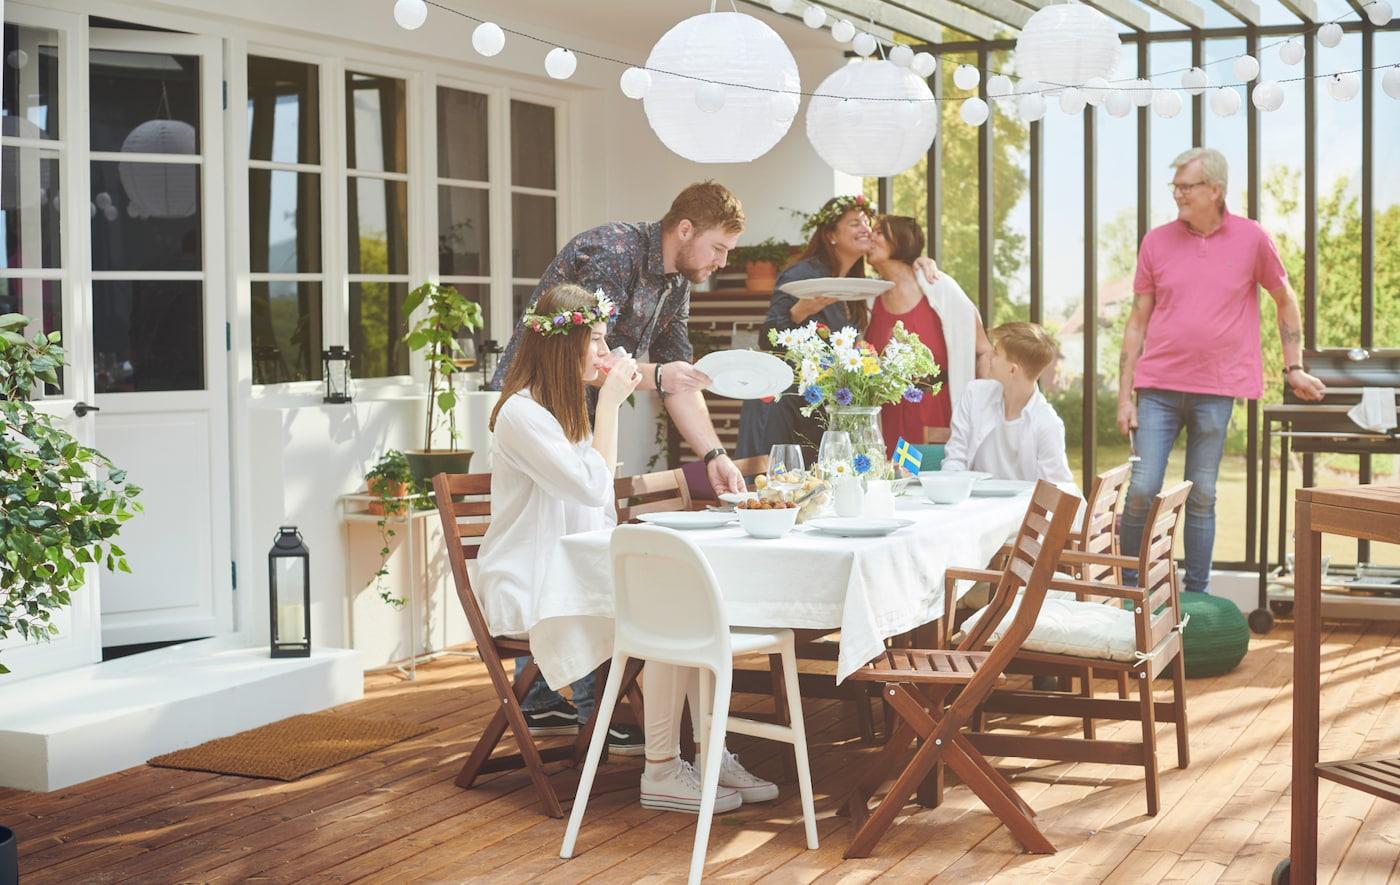 Veranda con gente attorno a una tavola decorata con fiori, bandierine della Svezia e lampade a sospensione appese sopra - IKEA